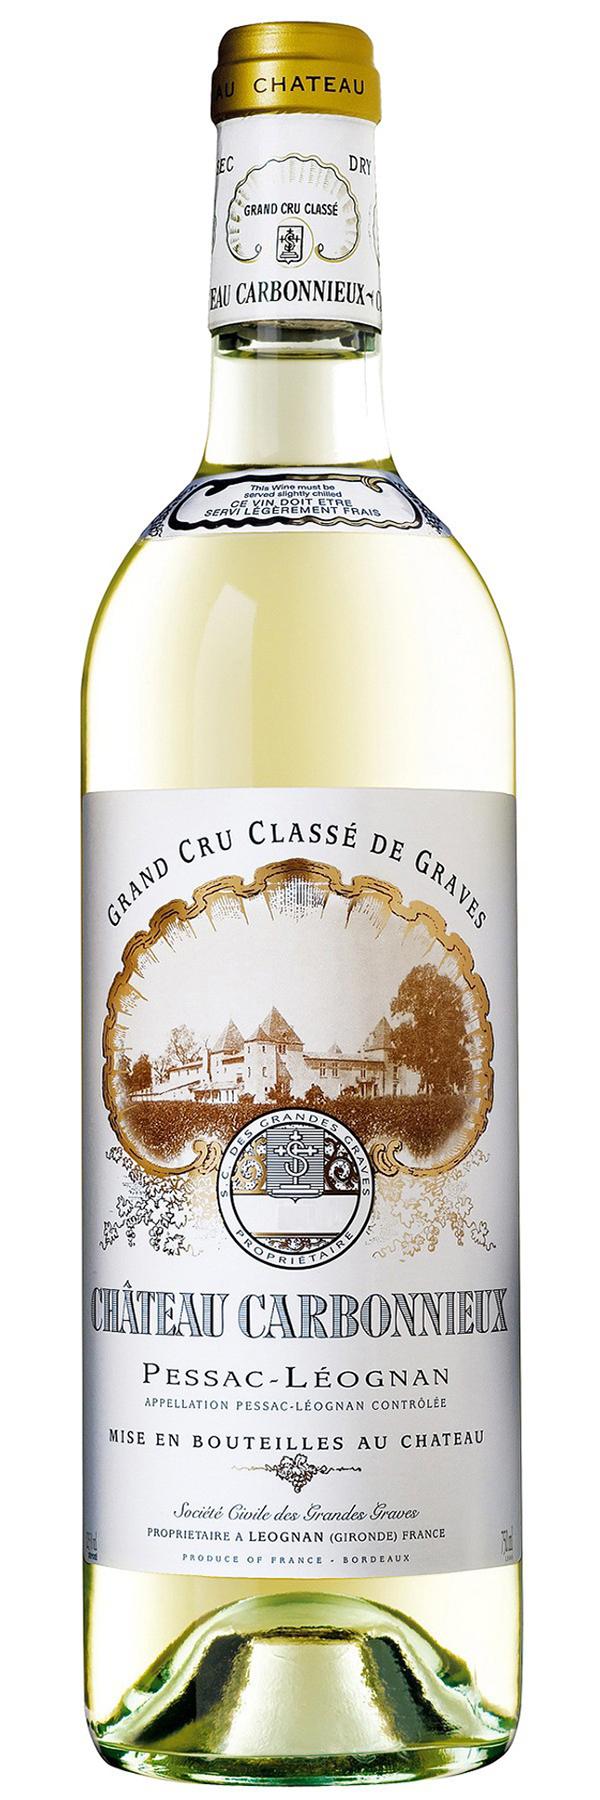 2005 Chateau Carbonnieux Blanc Pessac-Leognan фото